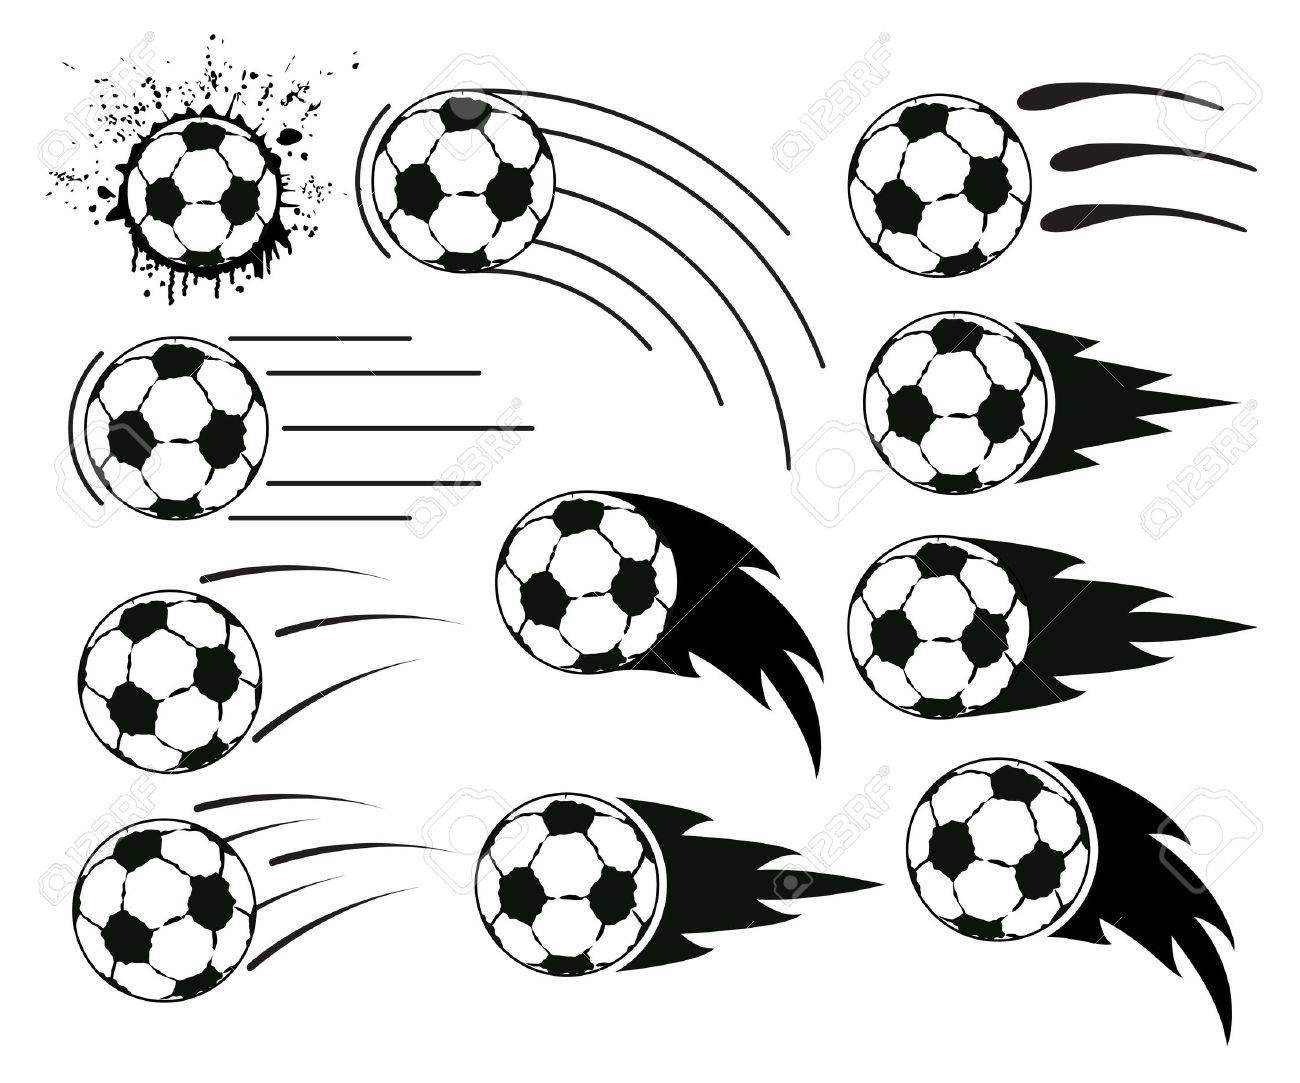 Diseños Grunge Del Fútbol De Vuelo Y Pelotas De Fútbol Ilustraciones